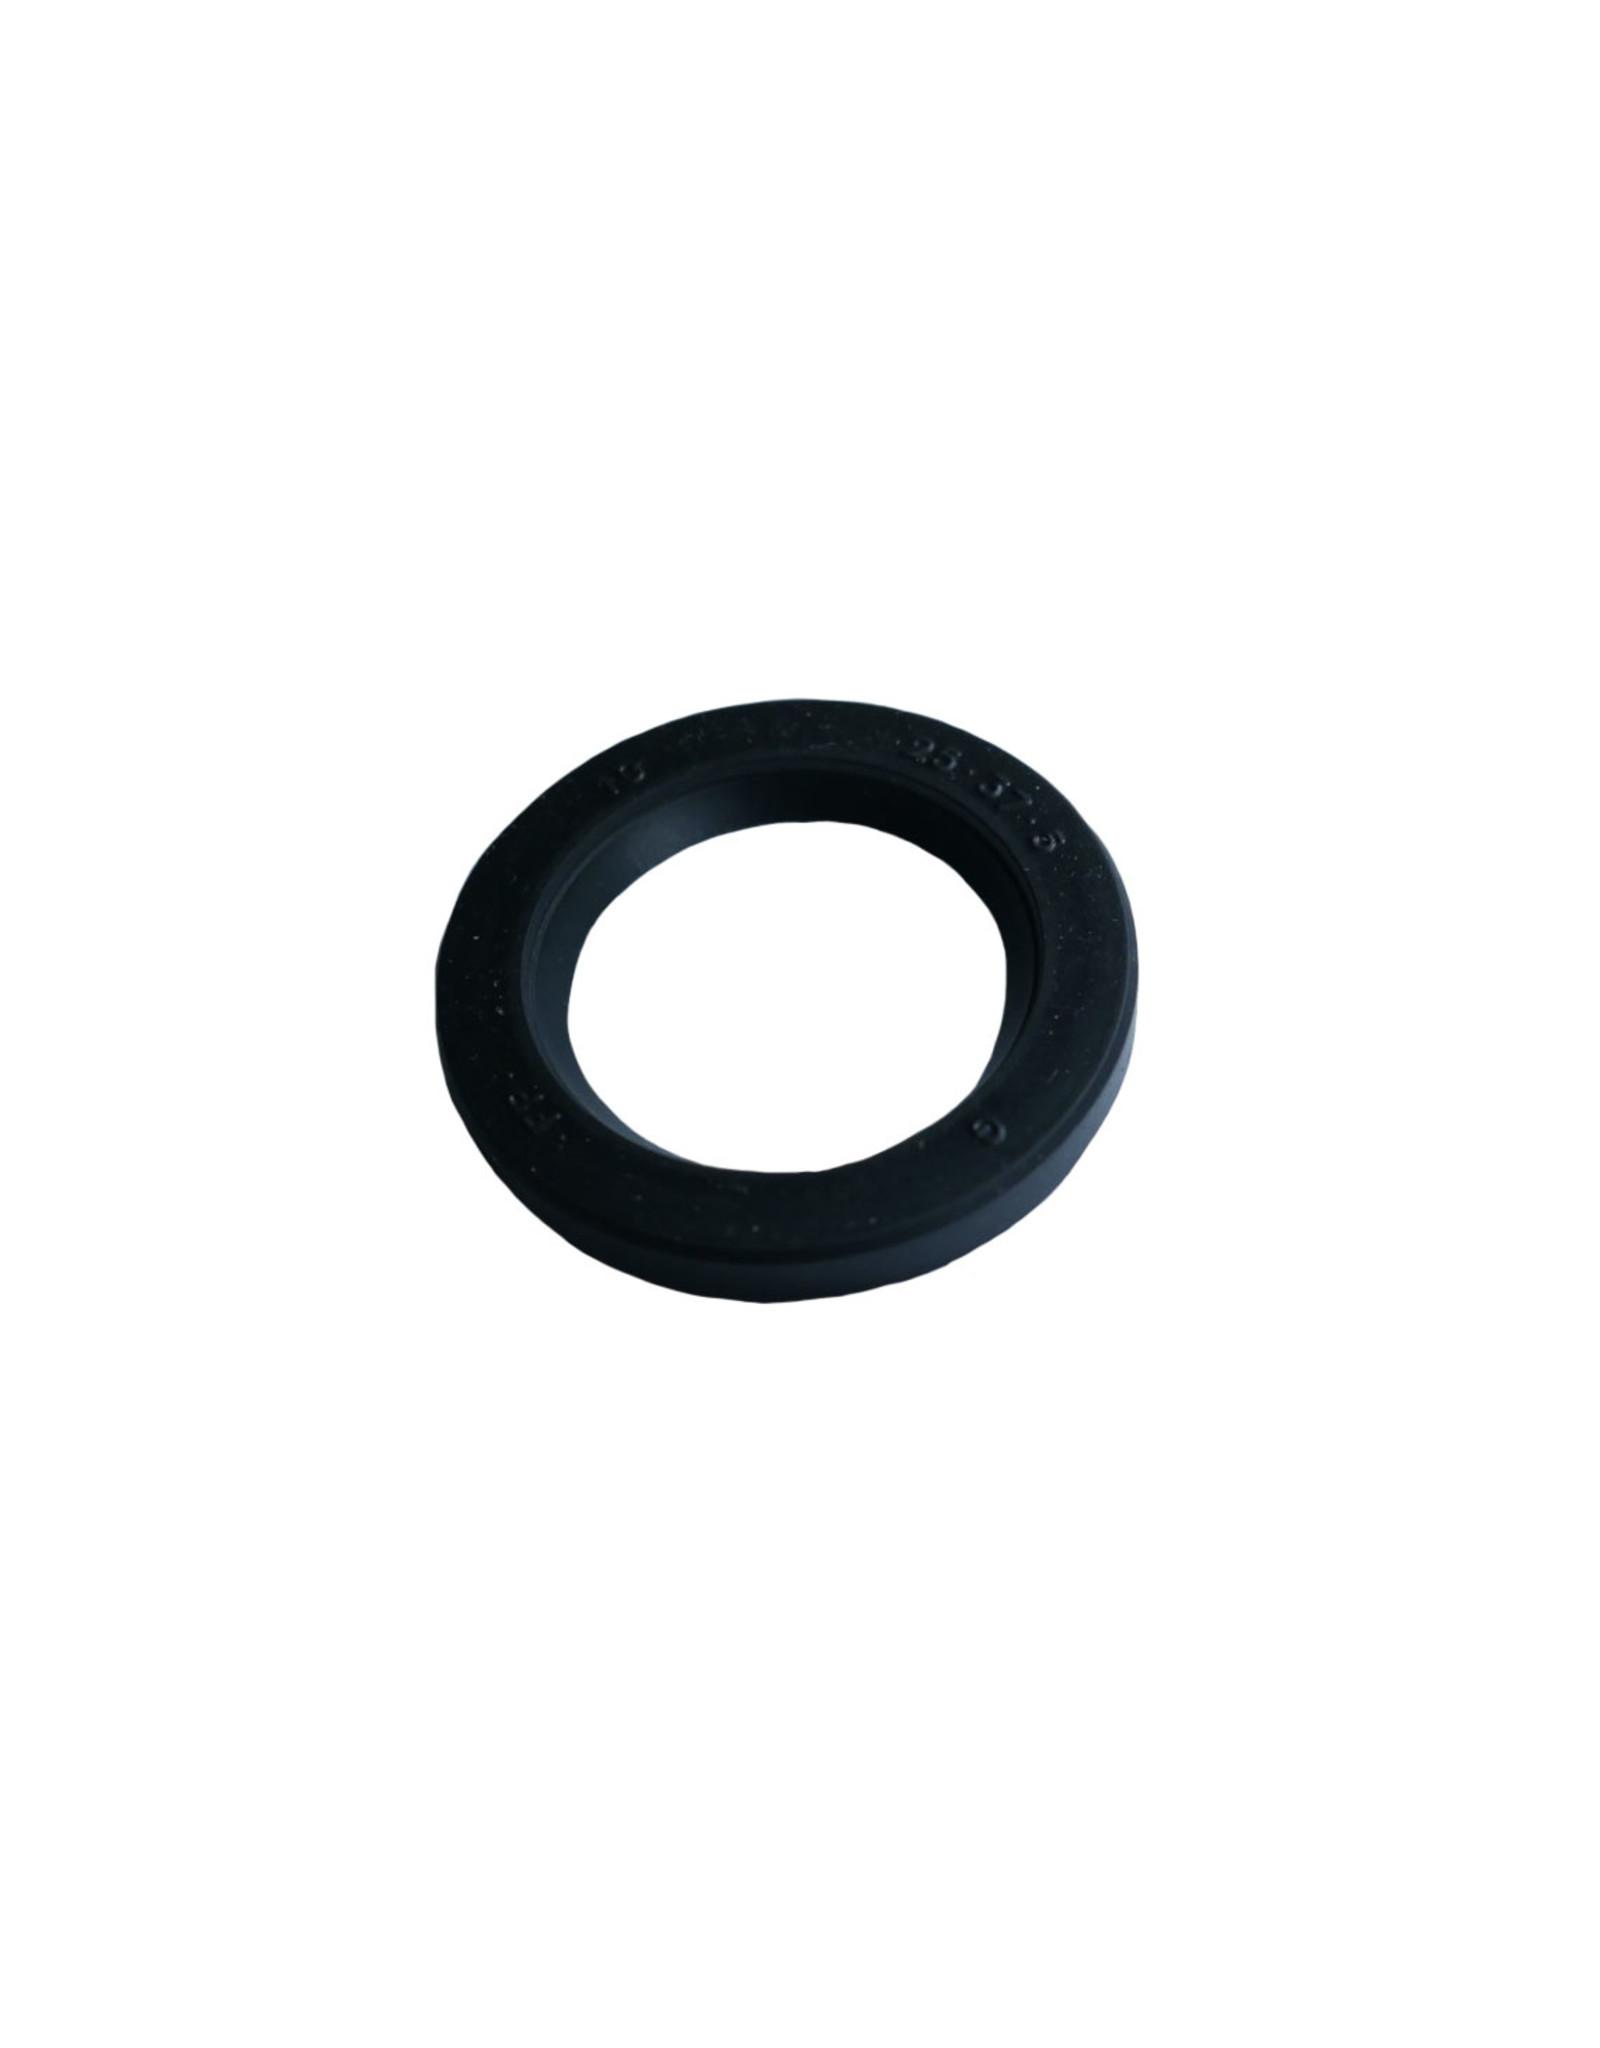 Gasket Ring ap8144006